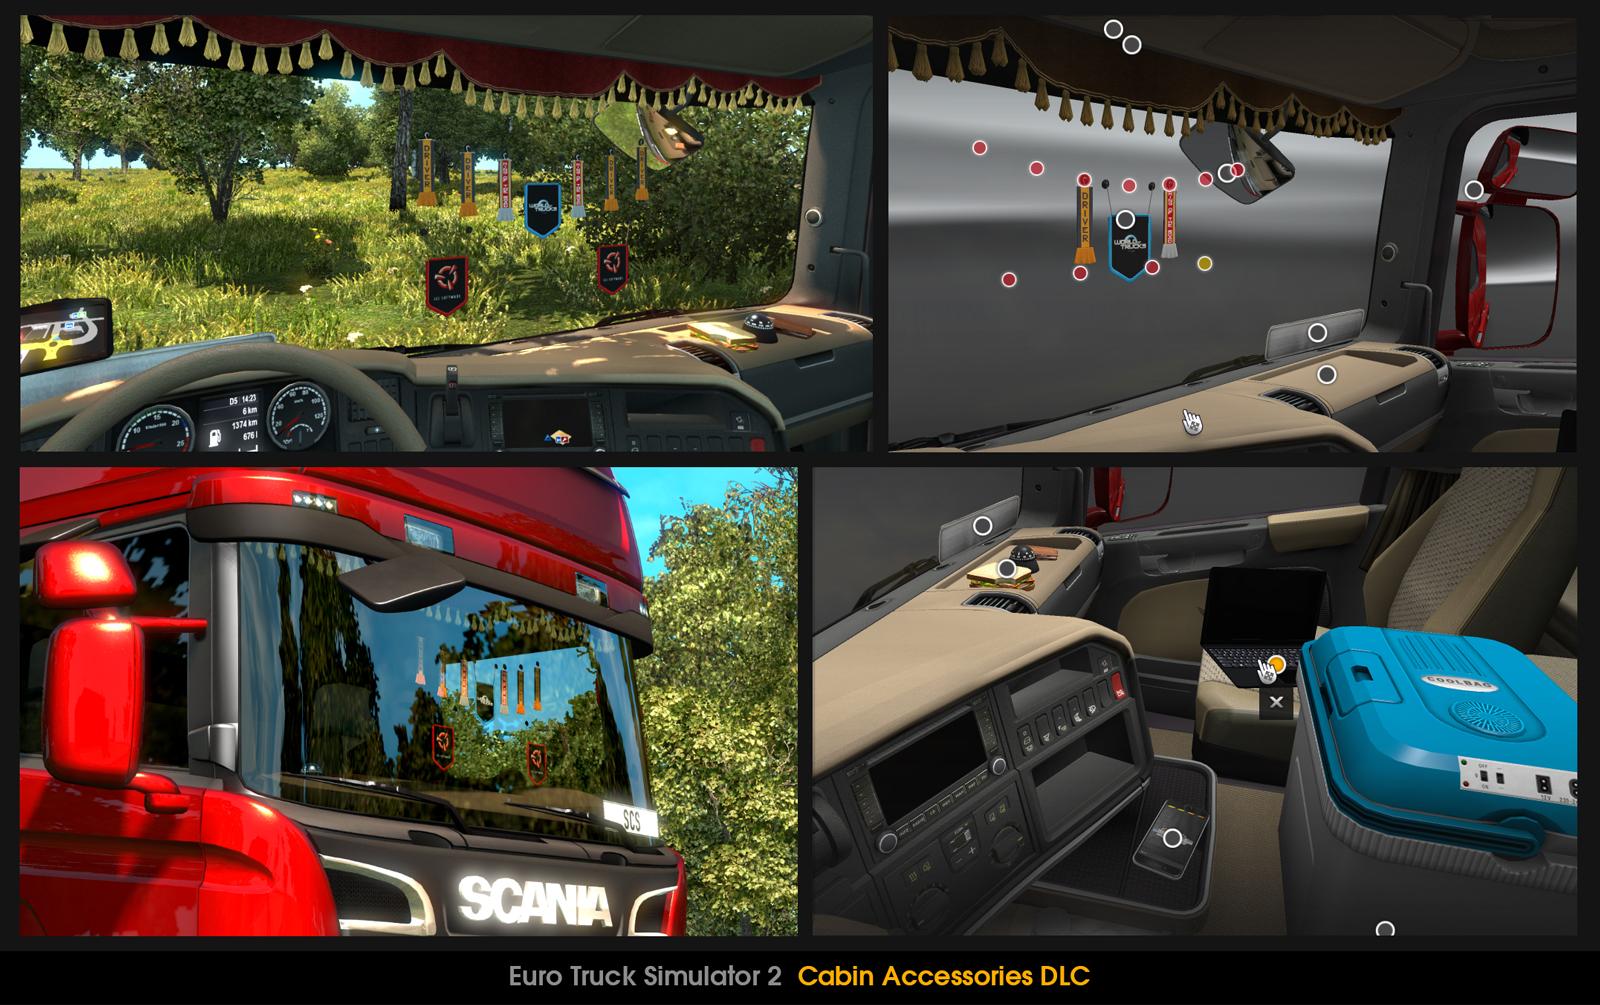 http://1.bp.blogspot.com/-ap91h-w5kEo/Ve2g0m6w_3I/AAAAAAAAB3E/rx_5m2vqARQ/s1600/ets2_dlc_cabin_accesories_001.jpg